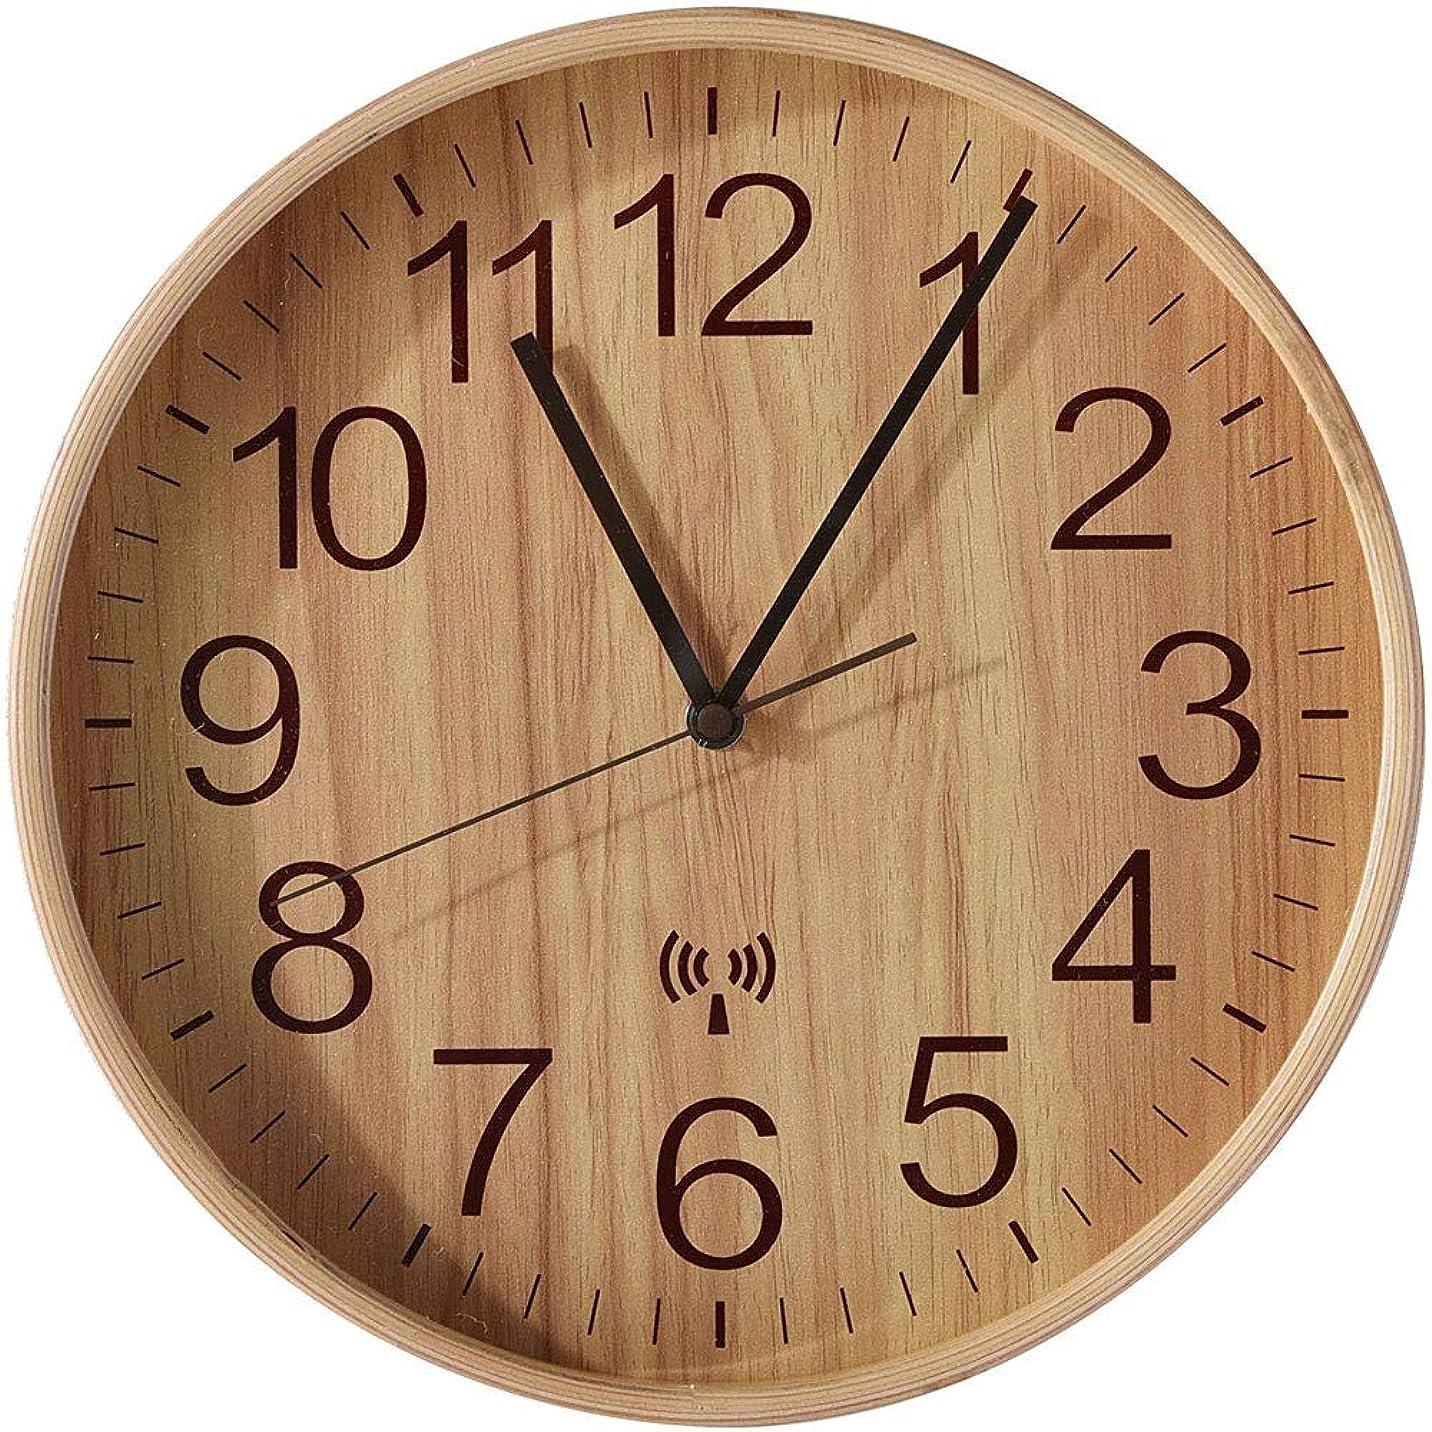 ビザブランク静けさワイエムワールド 置き時計?掛け時計 電波掛時計 直径28cm ナチュラル 19-126